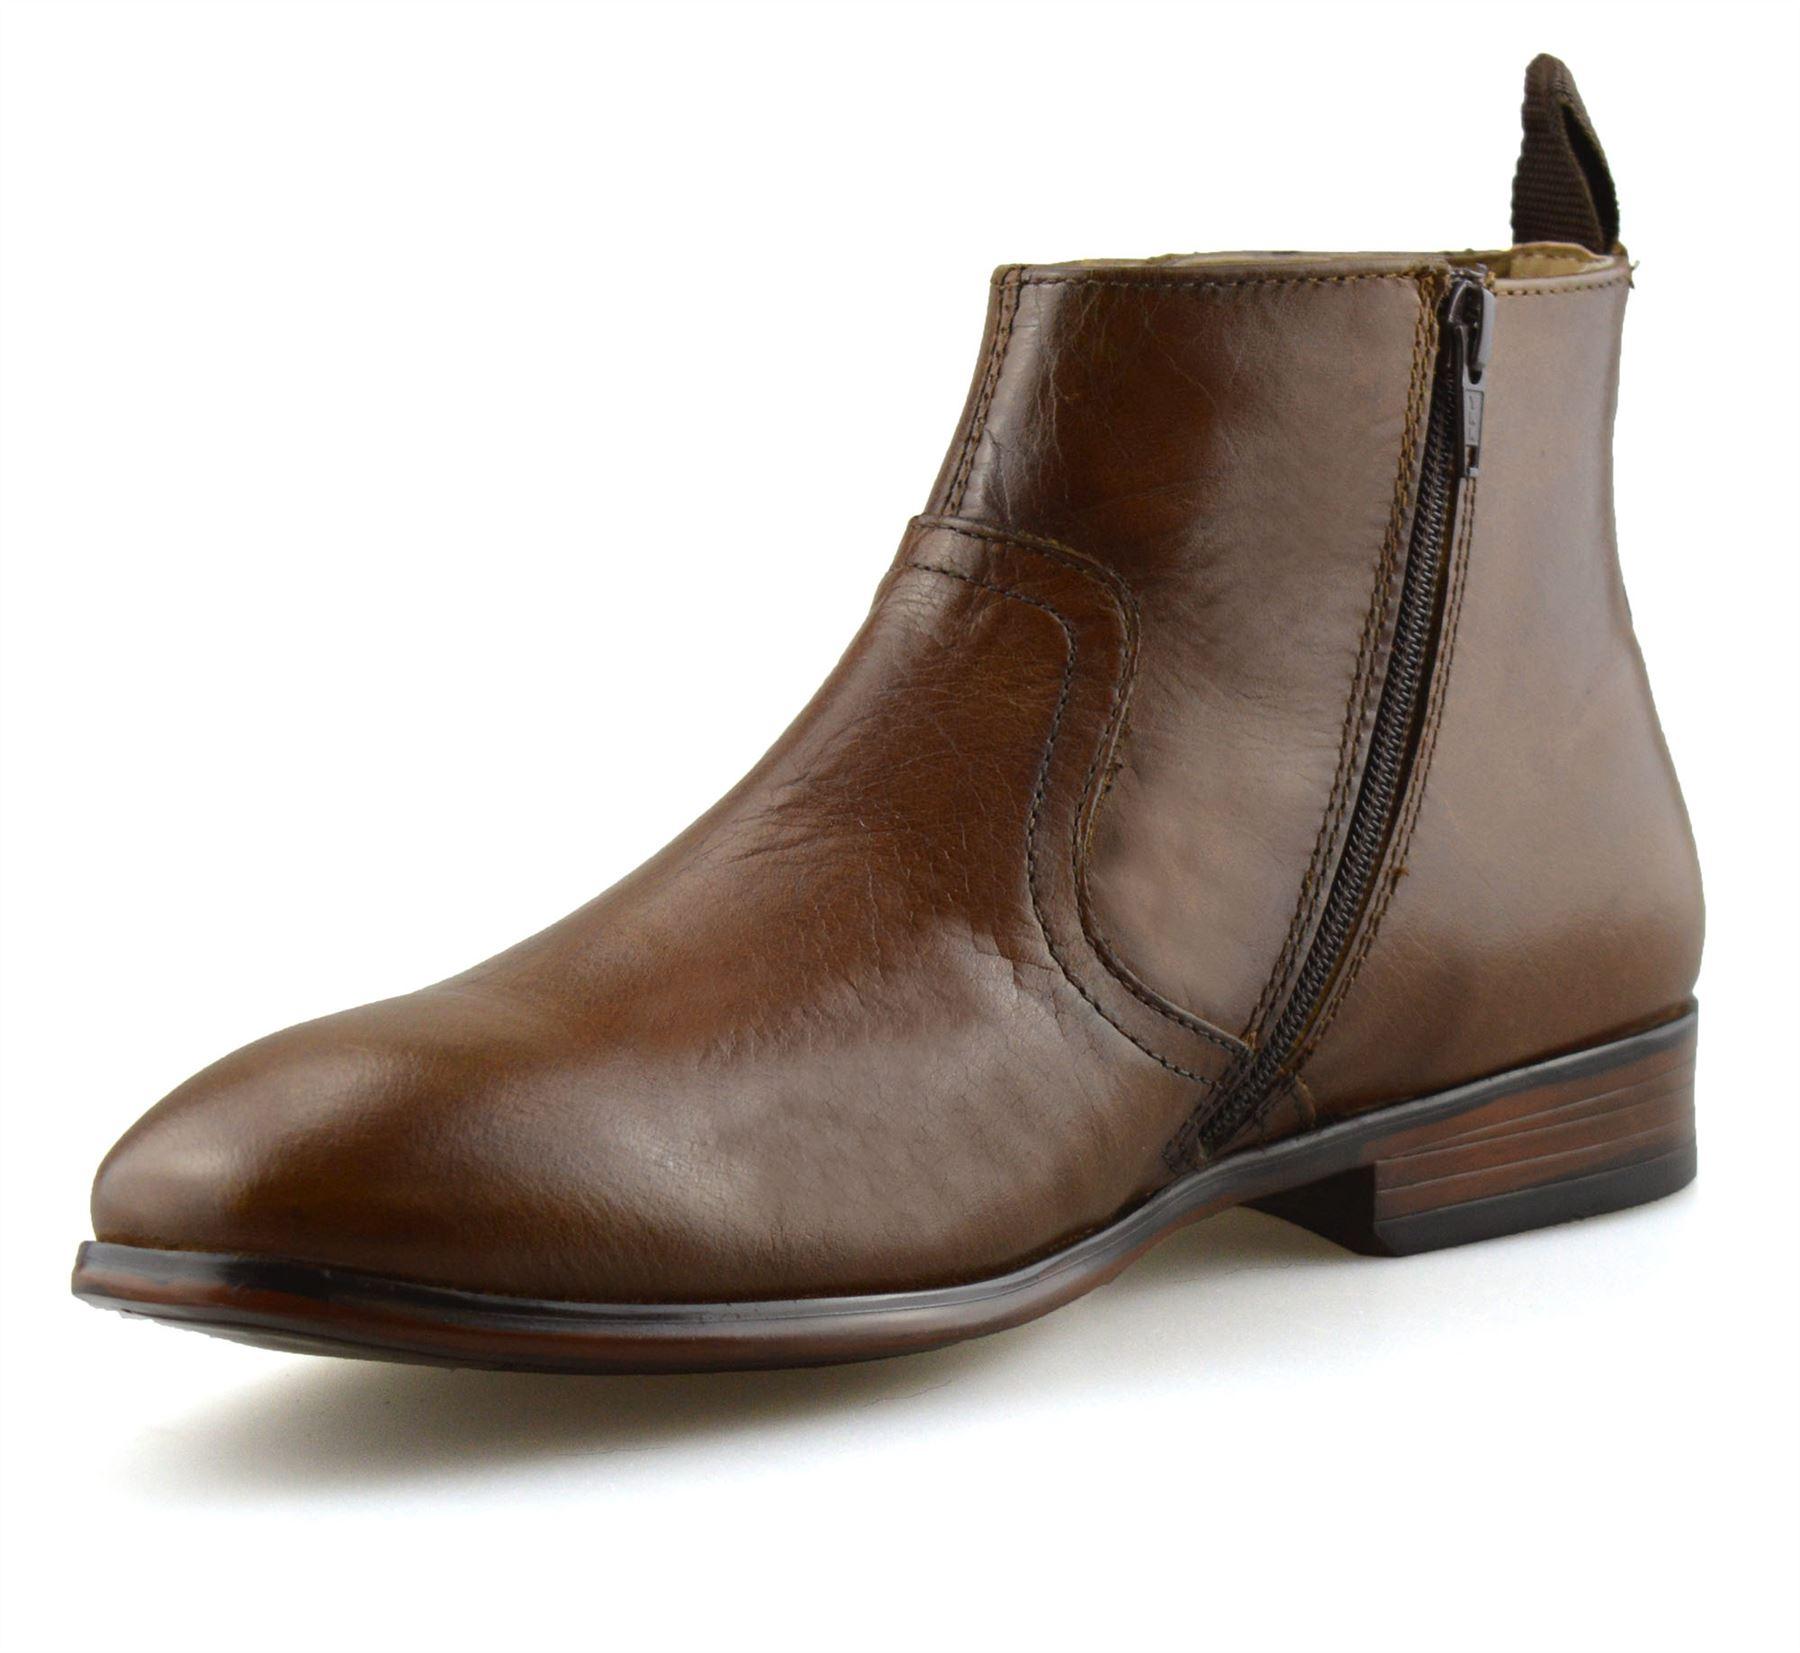 Hombre-Nuevo-Cuero-Cremallera-Formal-Smart-Trabajo-Distribuidor-Chelsea-Botas-al-Tobillo-Zapatos miniatura 20